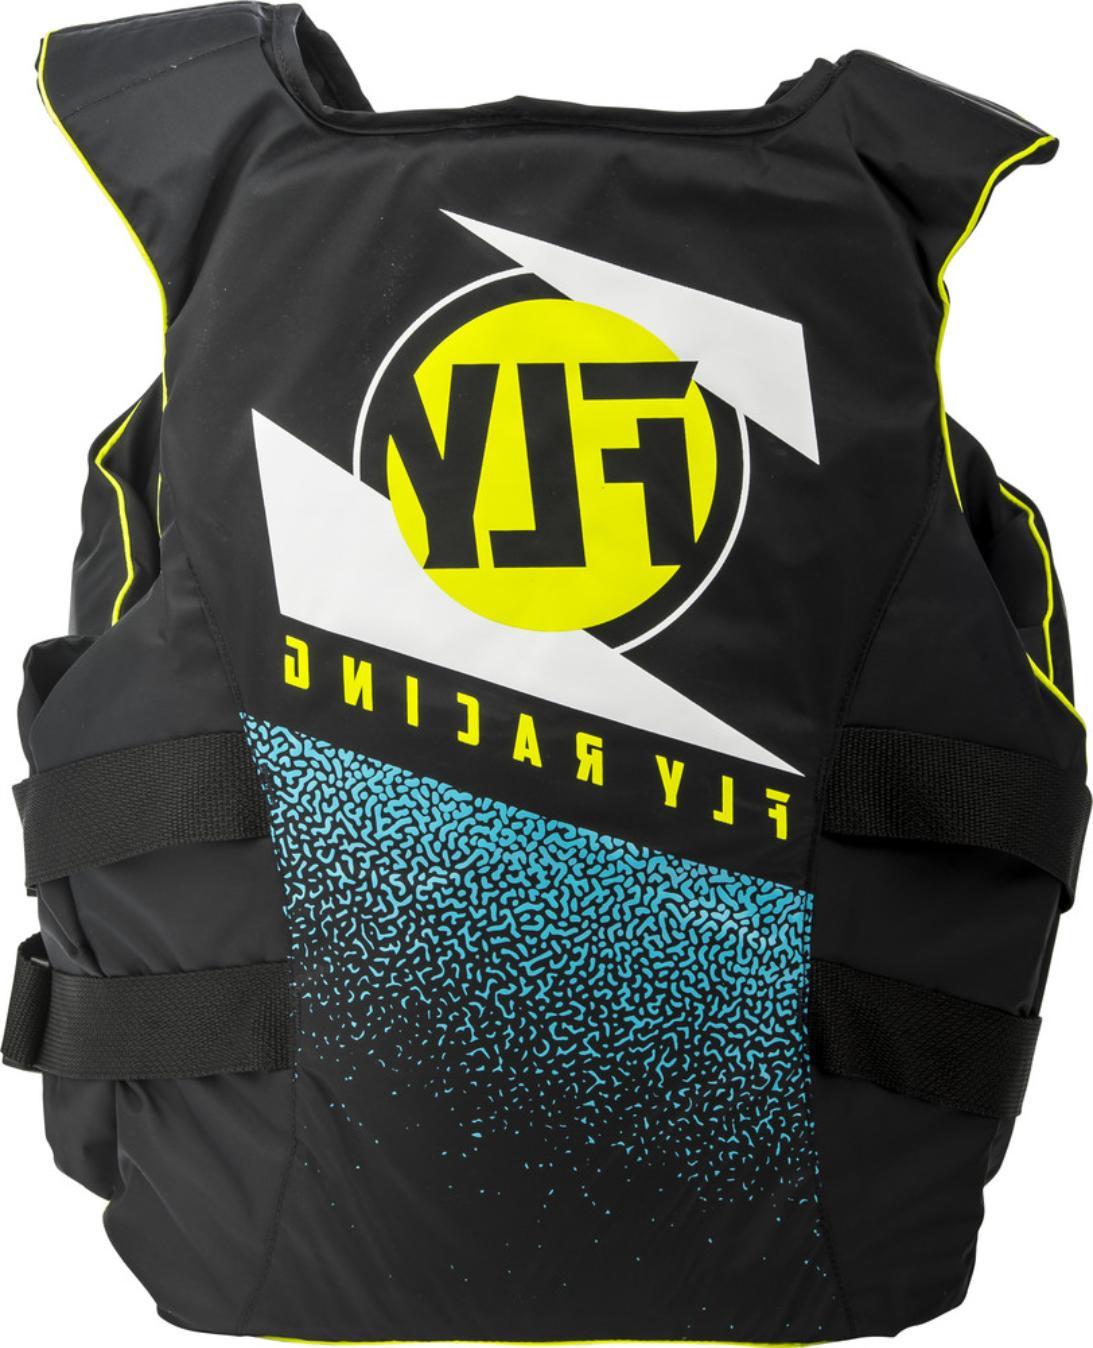 Fly Nylon Safety Jacket Black